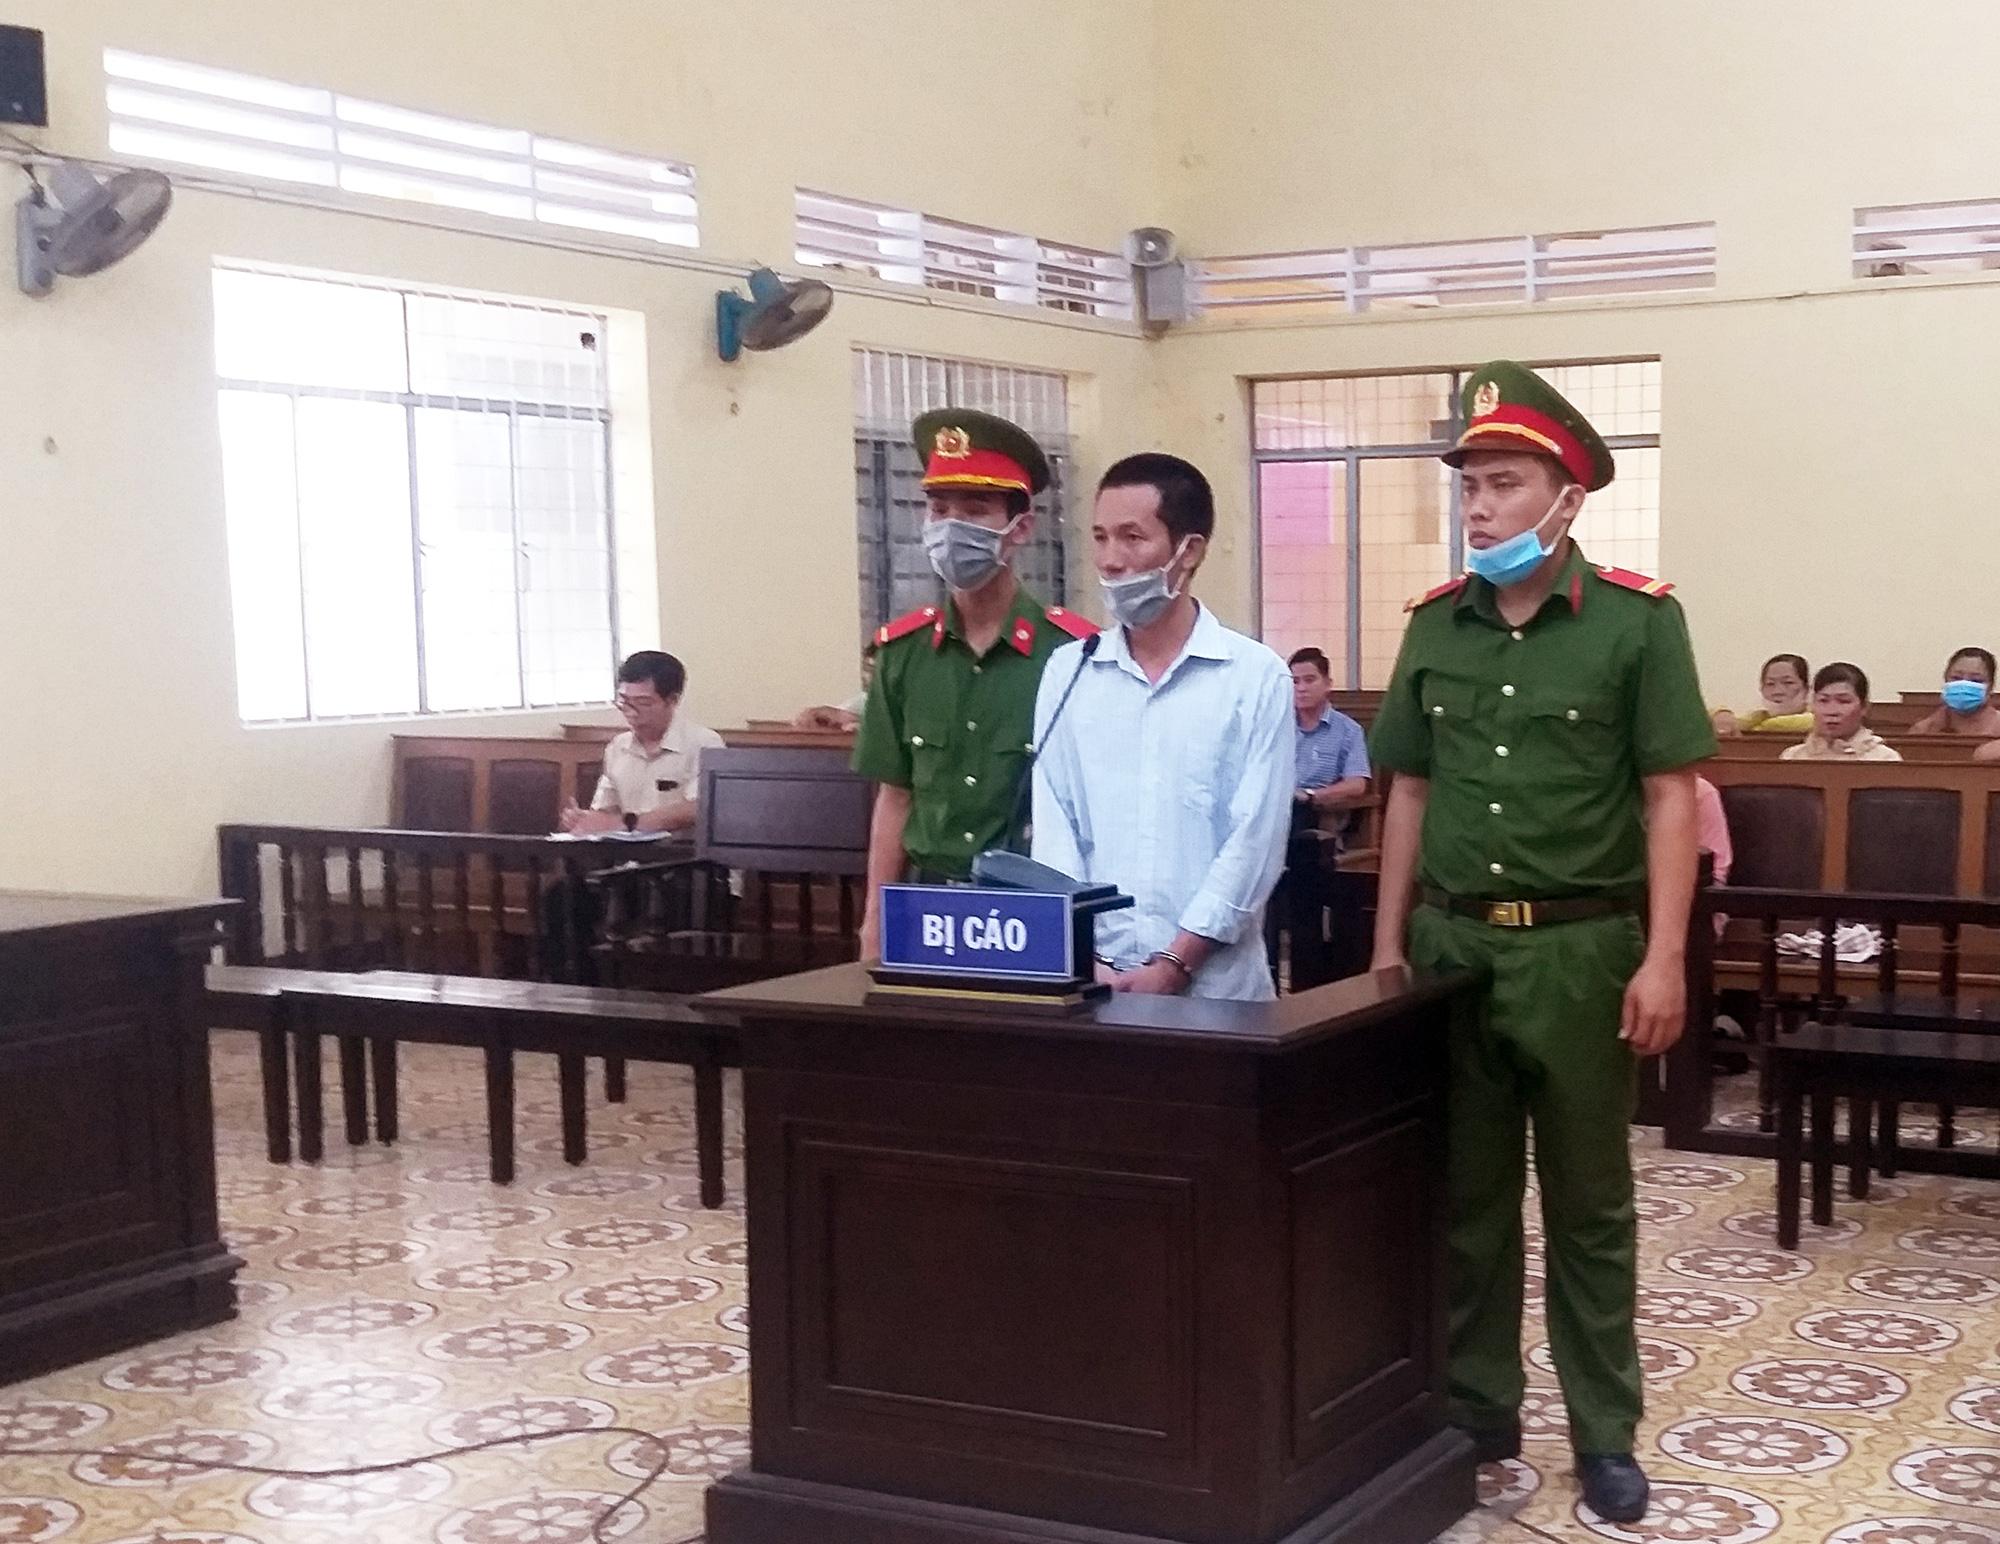 Cà Mau: Dùng tàu cá chở người nhập cảnh trái phép, 2 bị cáo lãnh án - Ảnh 1.